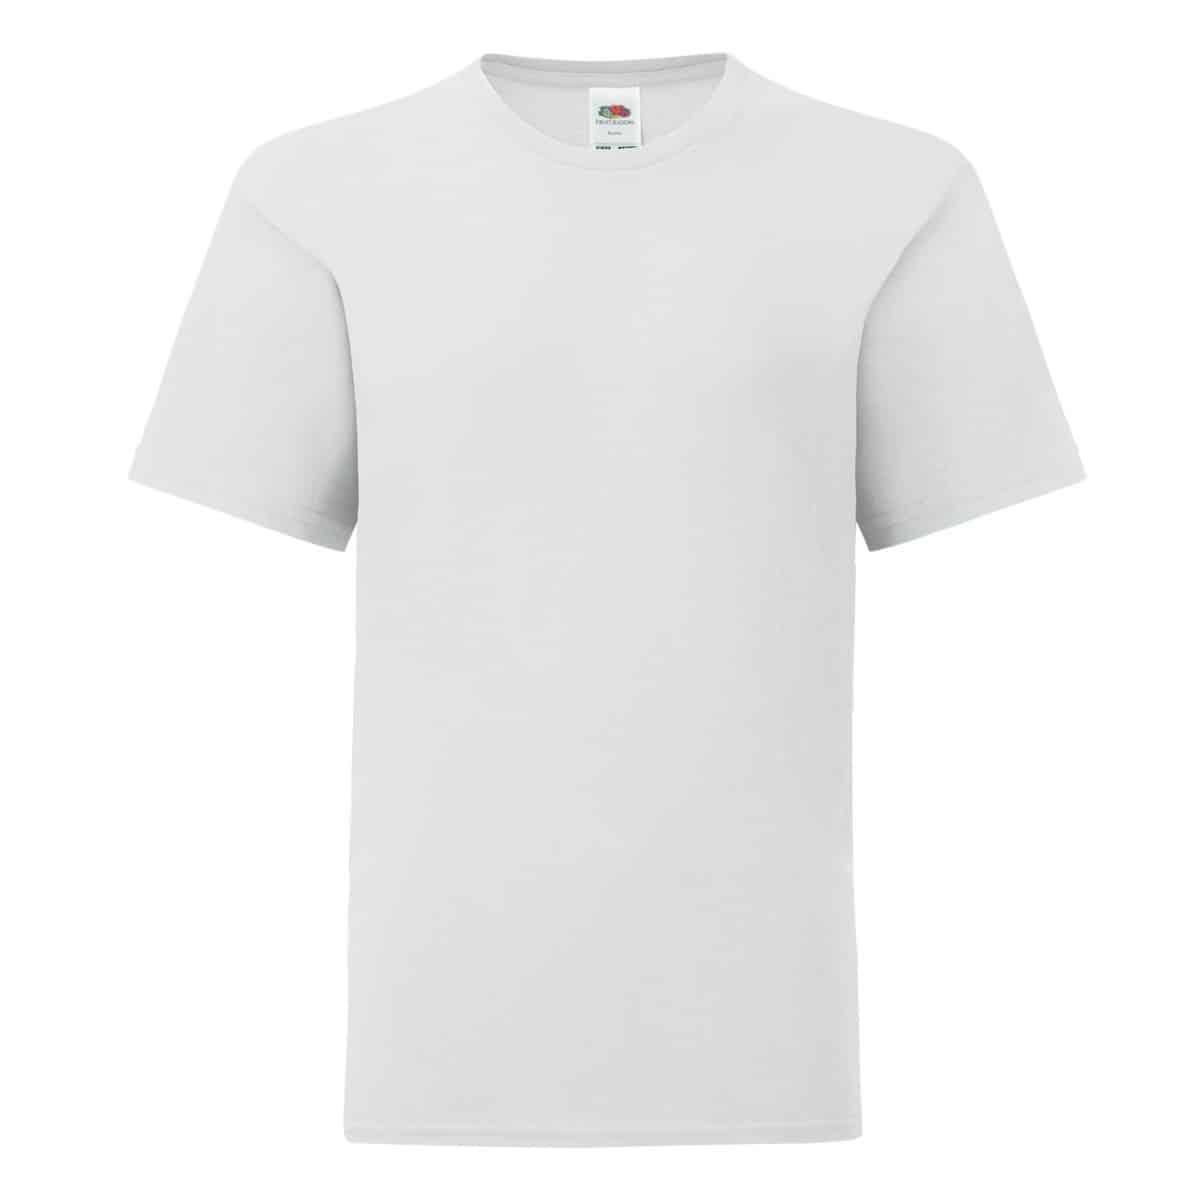 Tshirt bianca da bambino